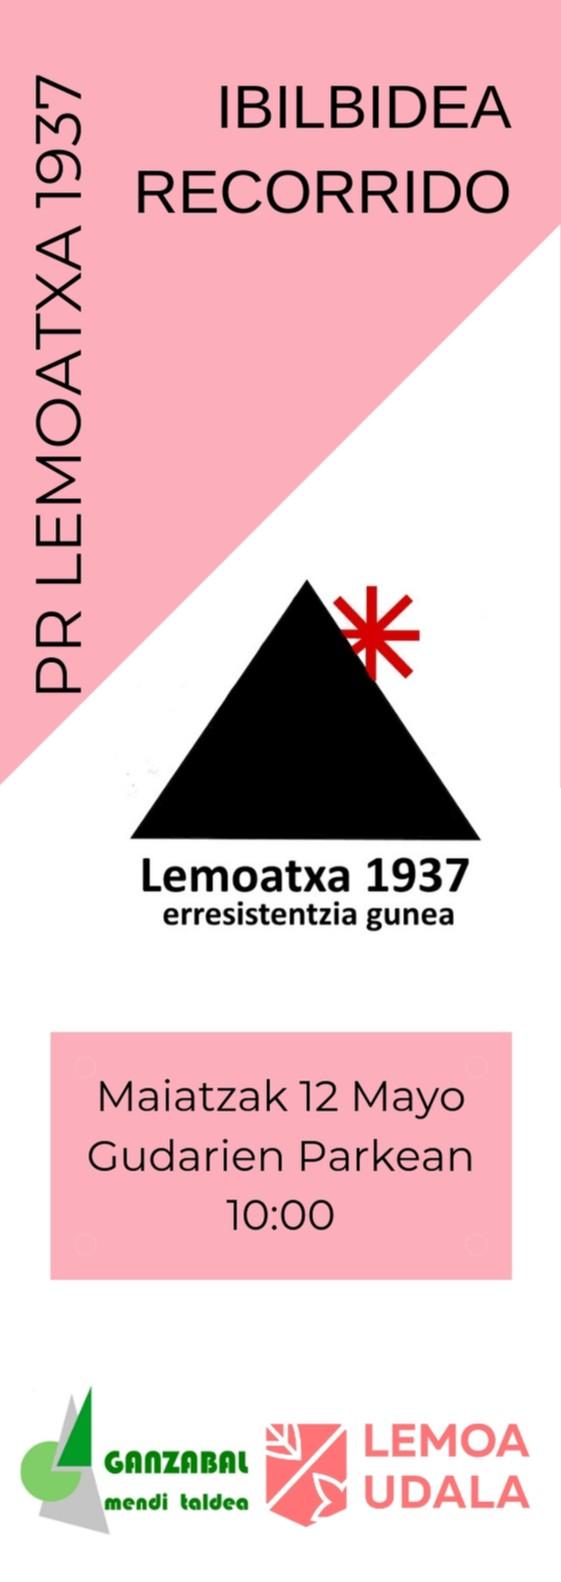 Senbide Presentacion del sendero PR-BI 56